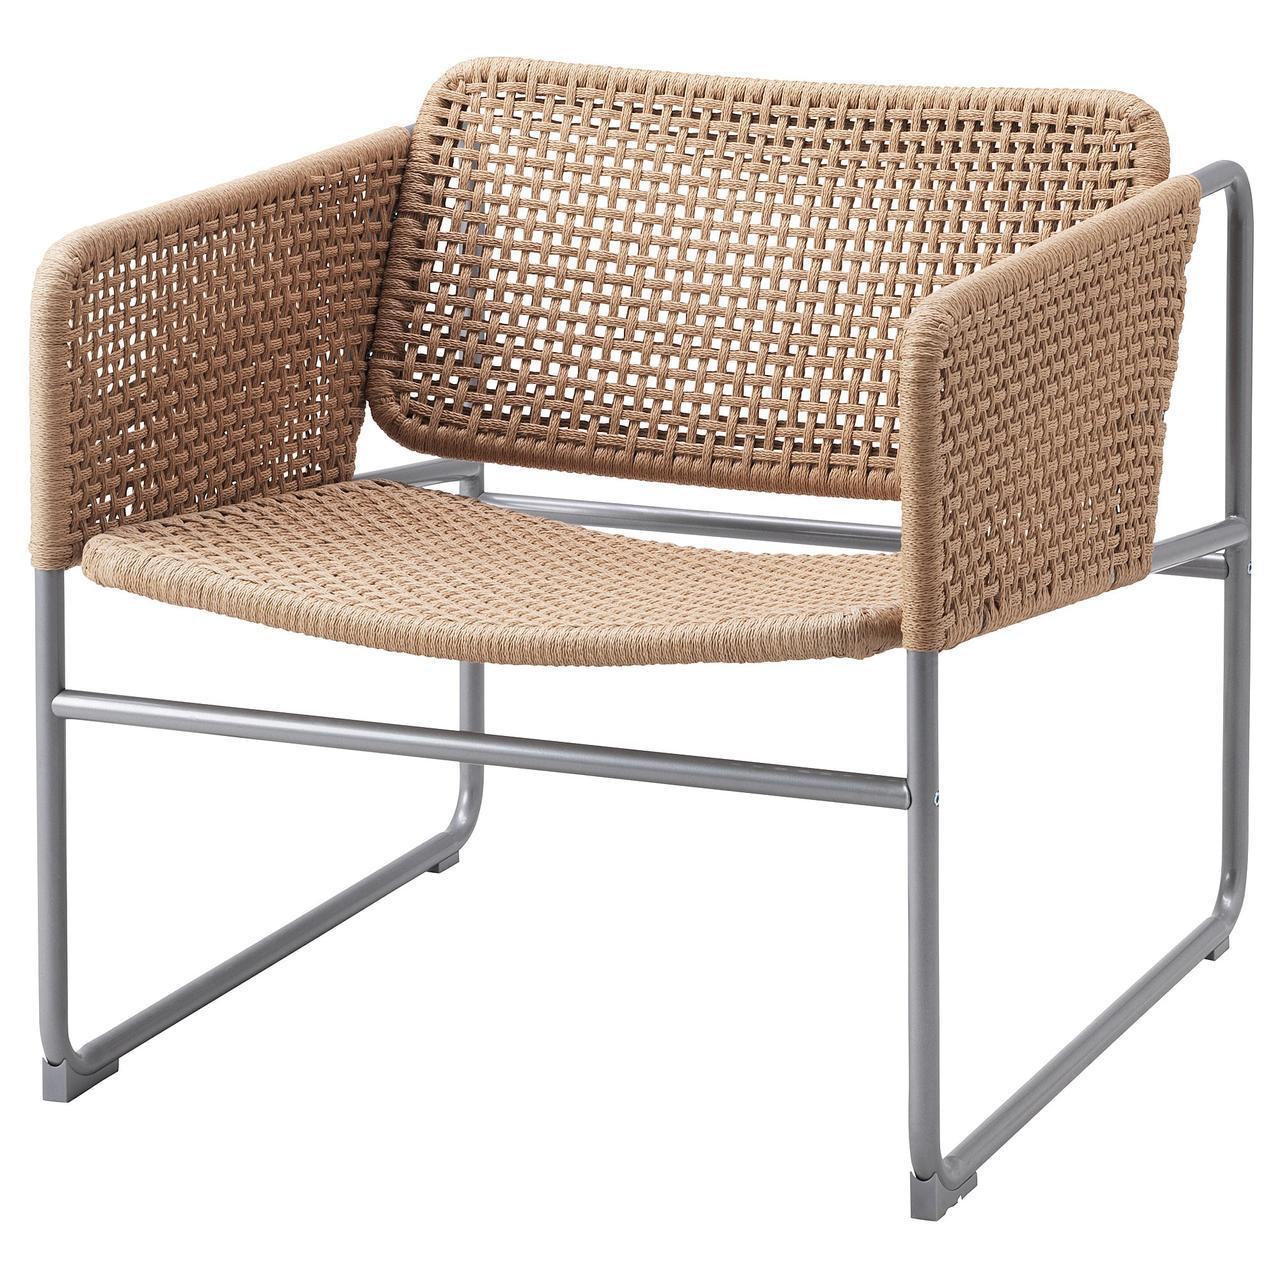 IKEA INDUSTRIELL Кресло, натуральное, серое  (003.926.49)